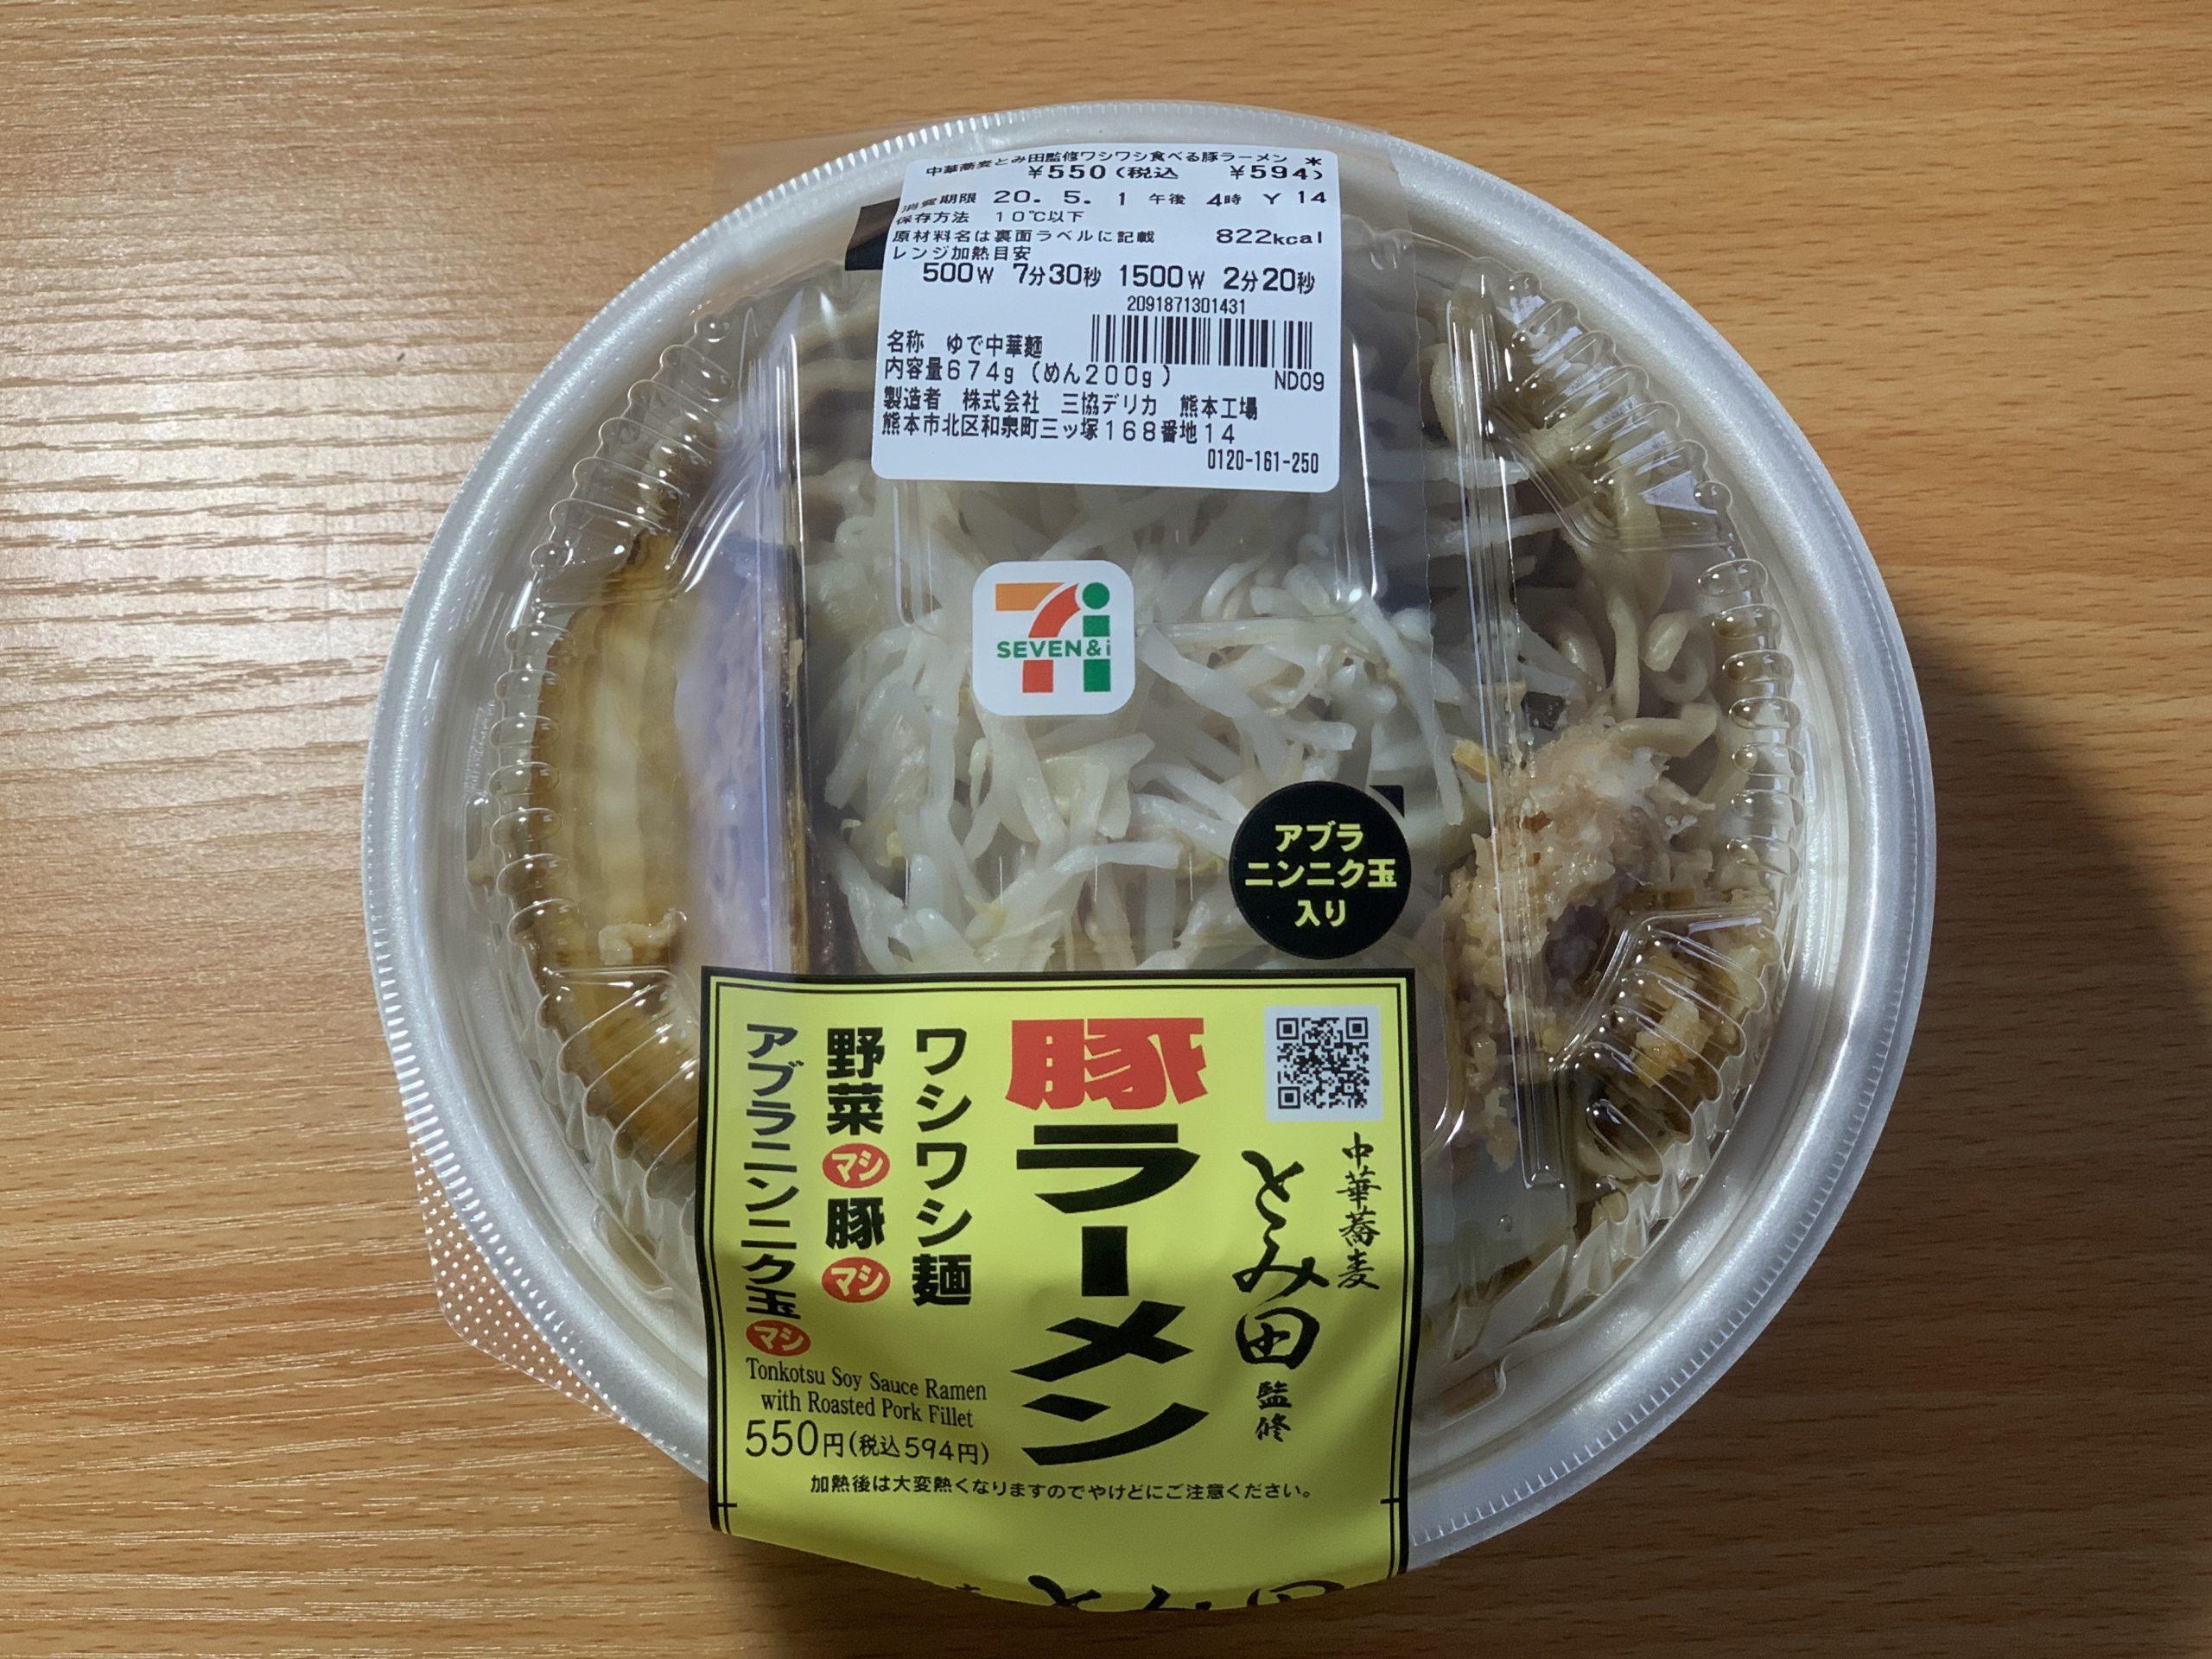 中華蕎麦とみ田豚ラーメンのパッケージ